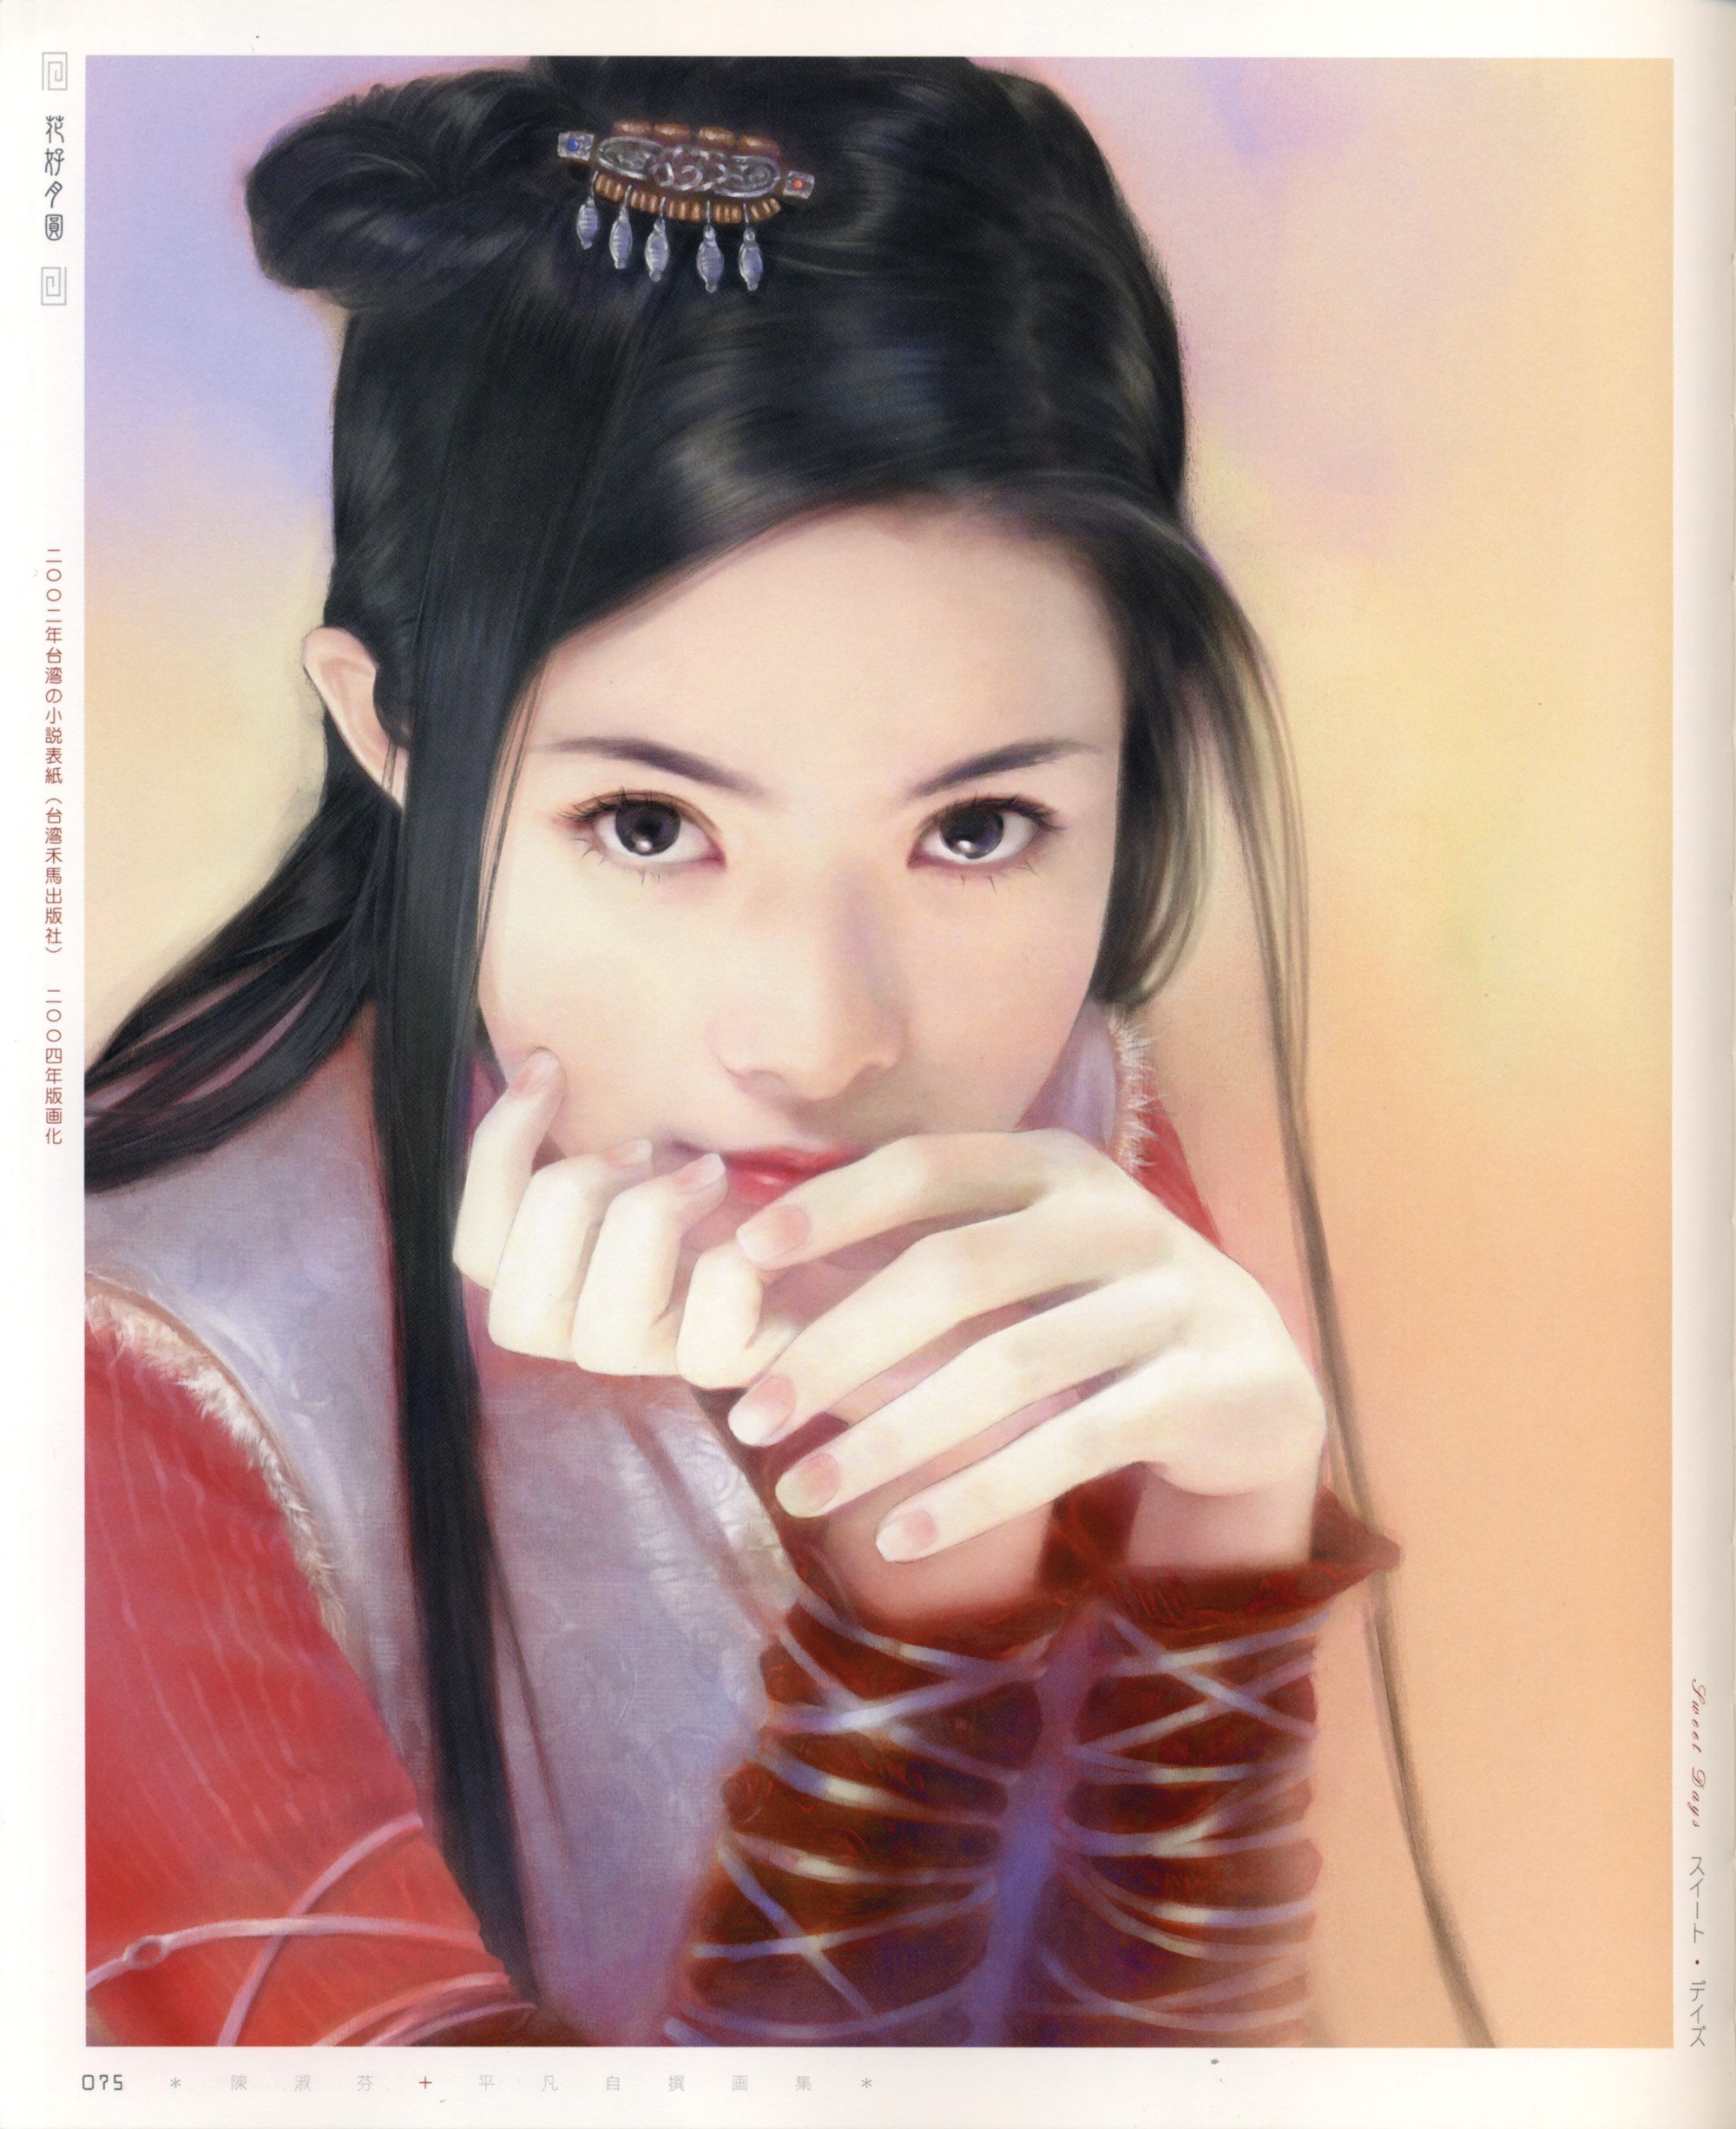 Японки девочки пизда 19 фотография